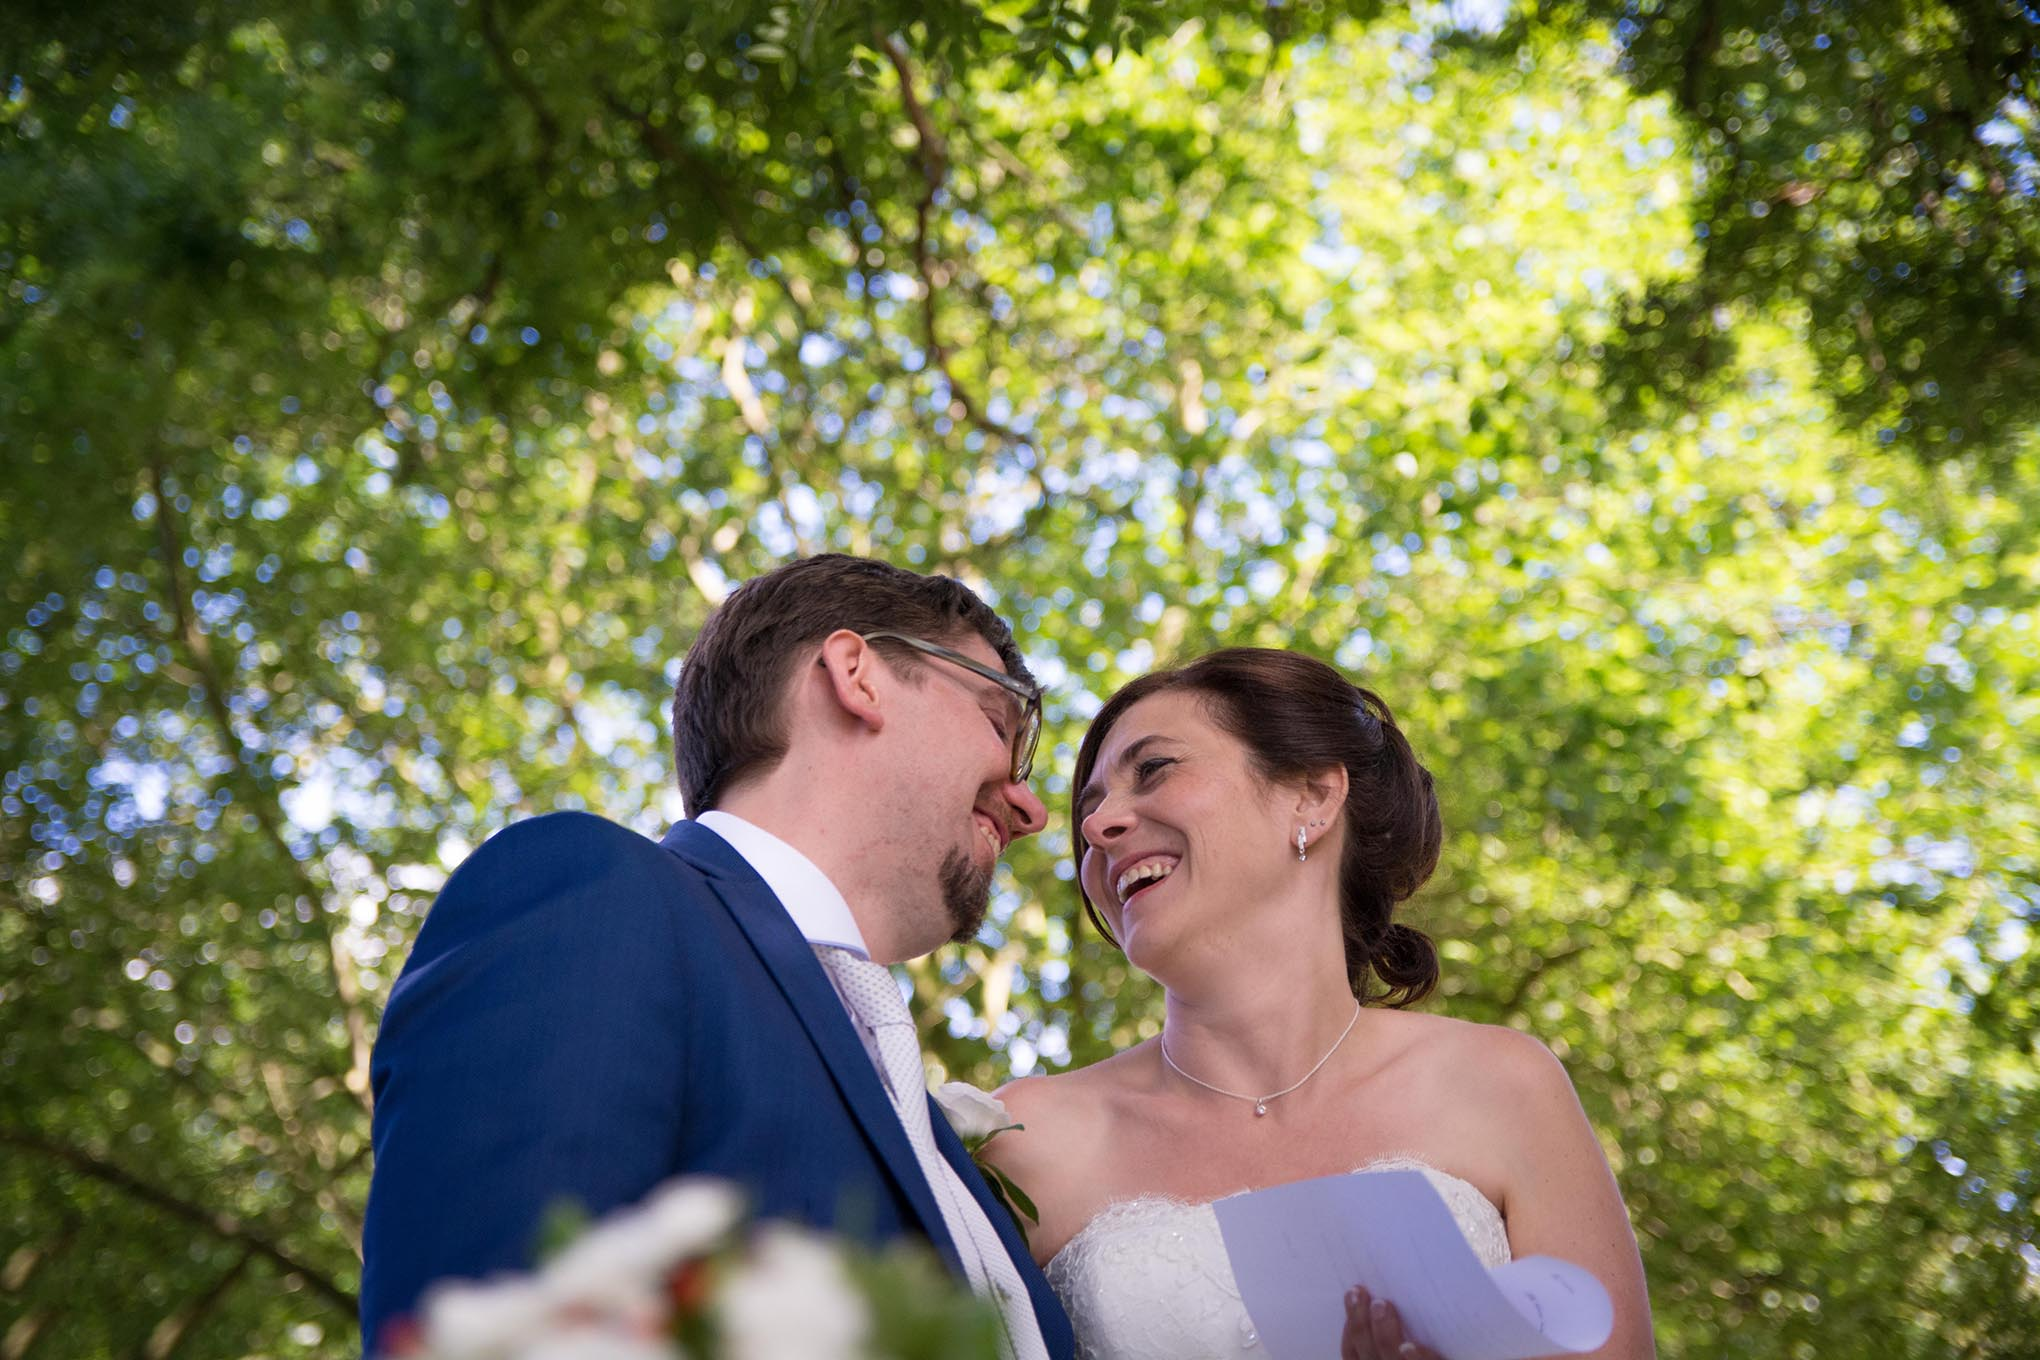 Verliefde bruidegom en bruid kijken elkaar aan onder een grote boom op hun trouwdag.